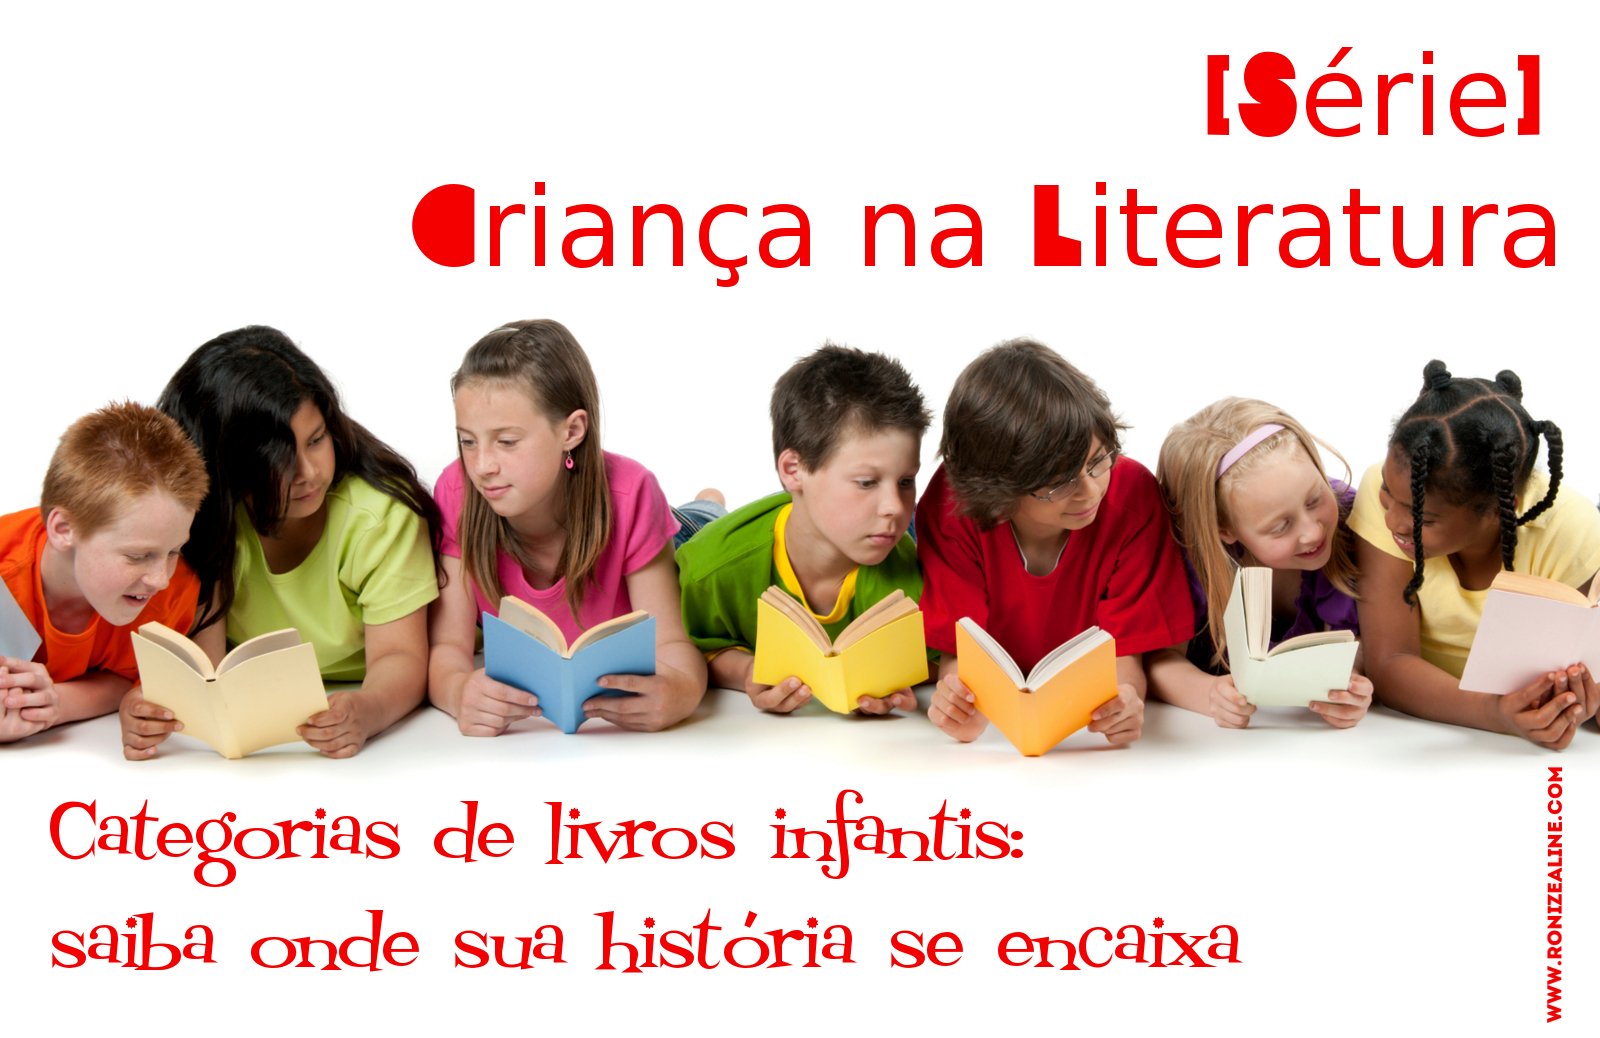 Categorias de livros infantis: saiba onde sua história se encaixa